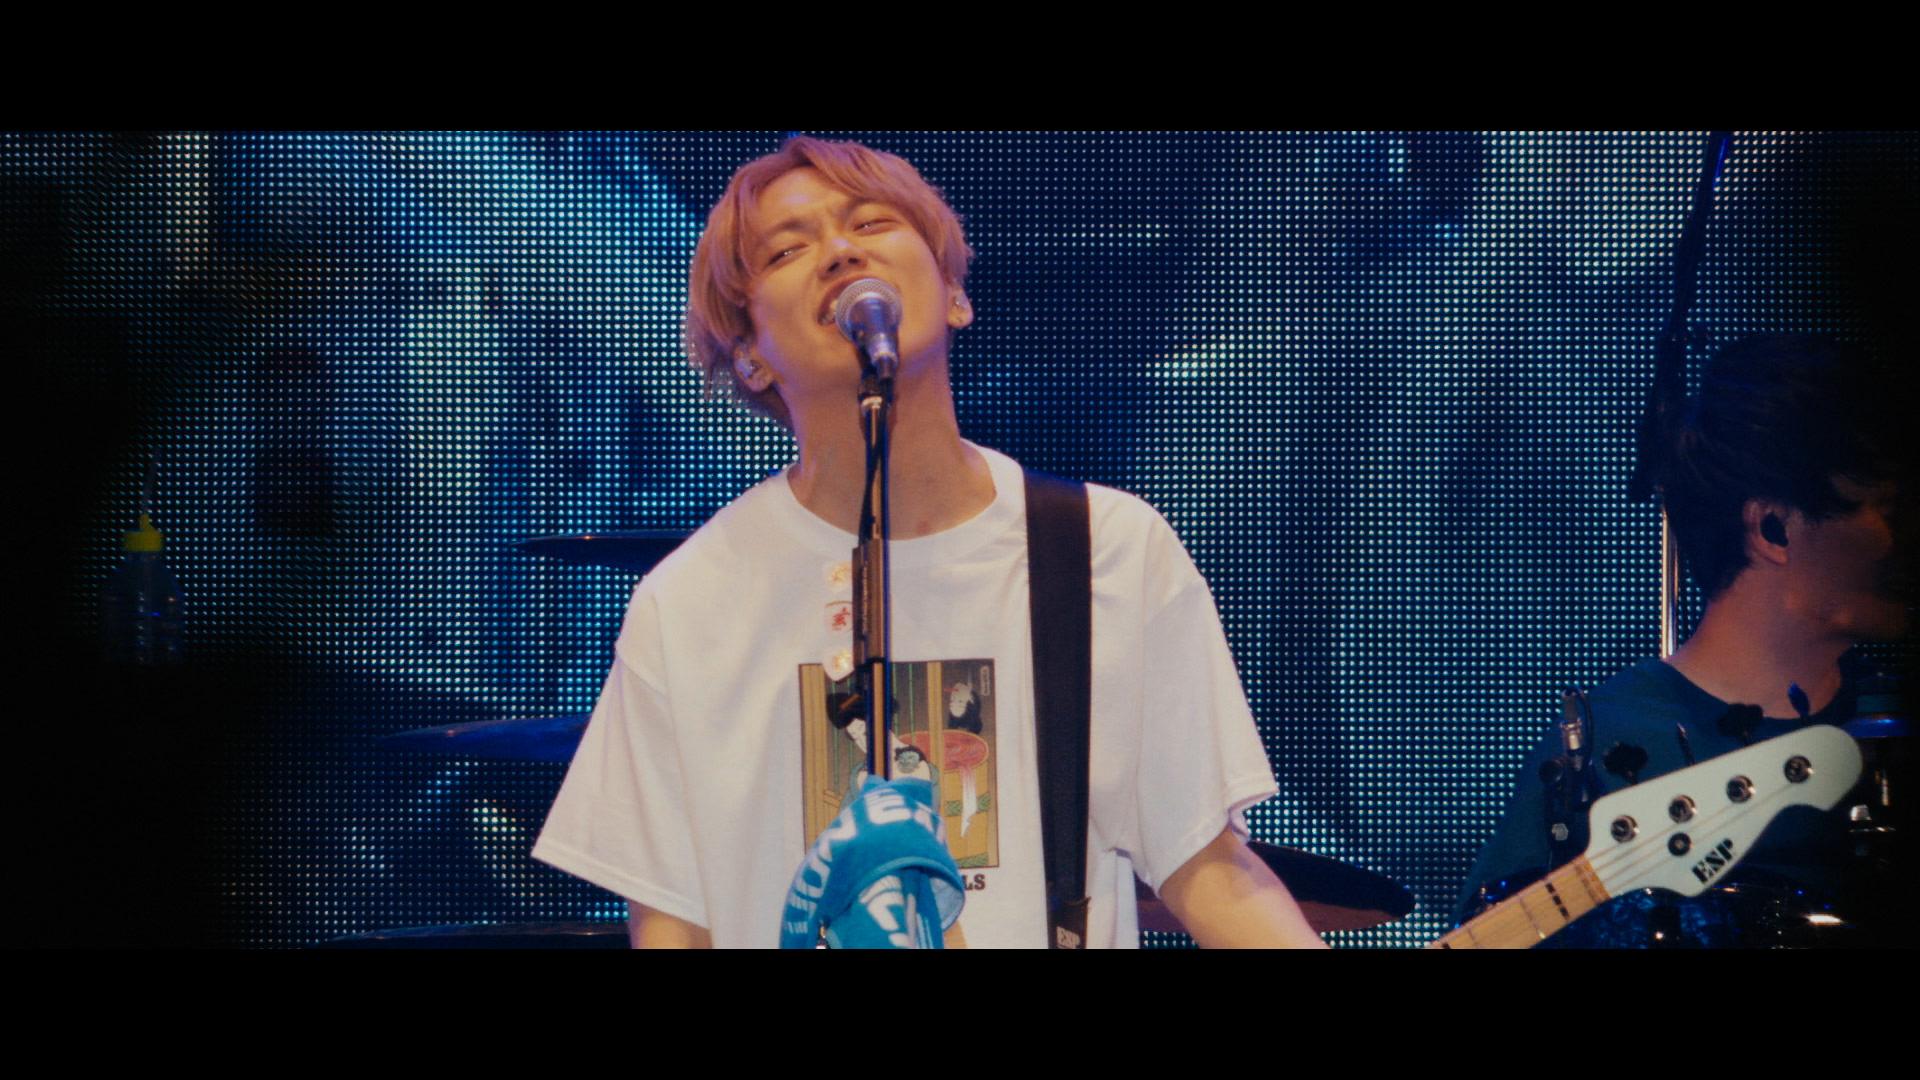 """""""YON EXPO'20"""" より「swim」のライブ映像を公開!"""